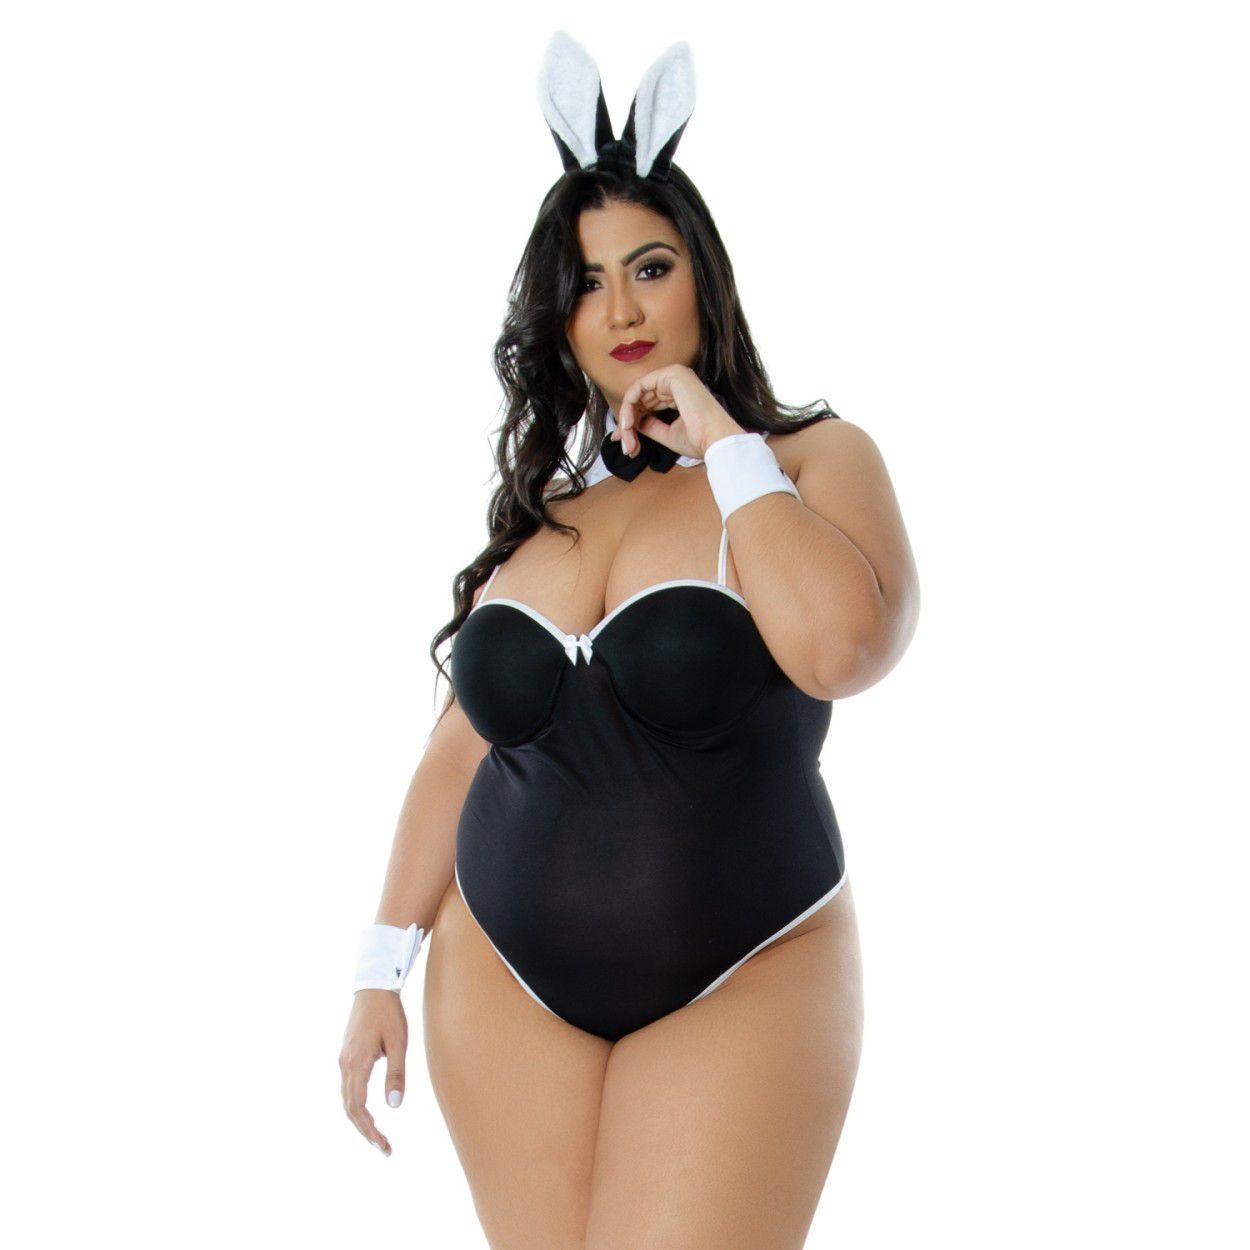 Fantasia Coelha Electra Plus Size (Veste Manequins 44 ao 50)